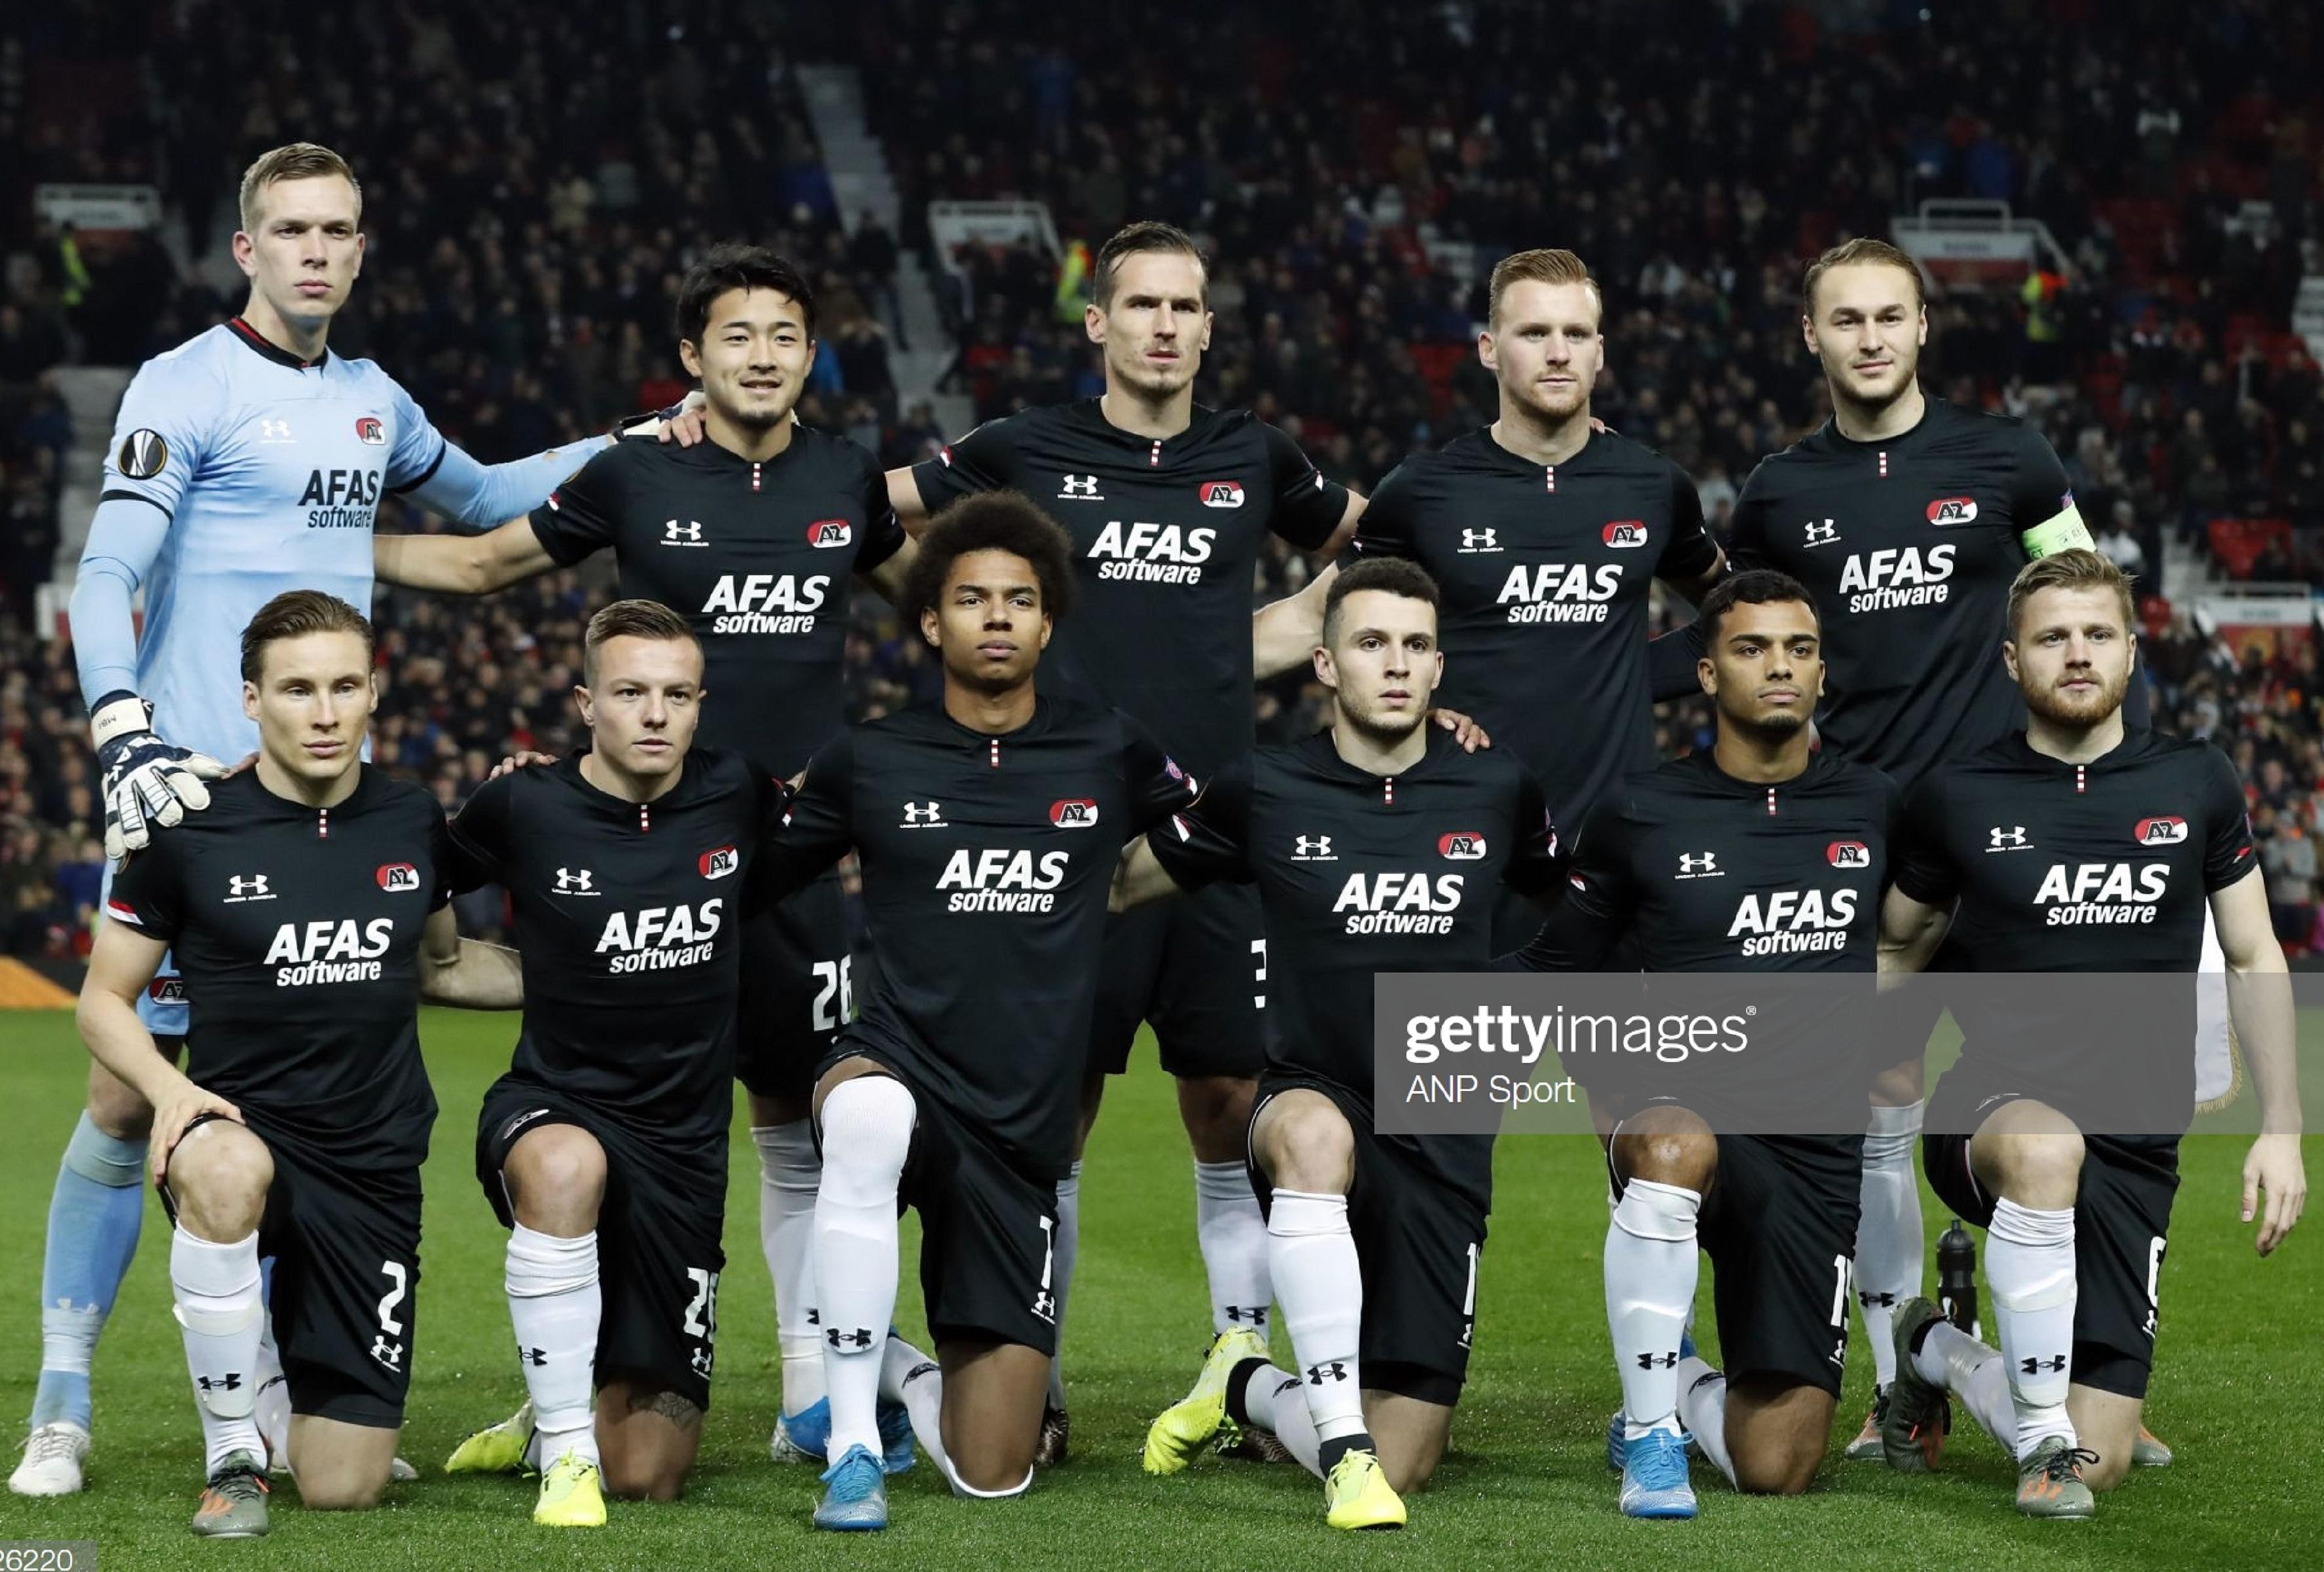 Манчестер Юнайтед (Англия) - АЗ Алкмаар (Голландия) 4:0. Нажмите, чтобы посмотреть истинный размер рисунка